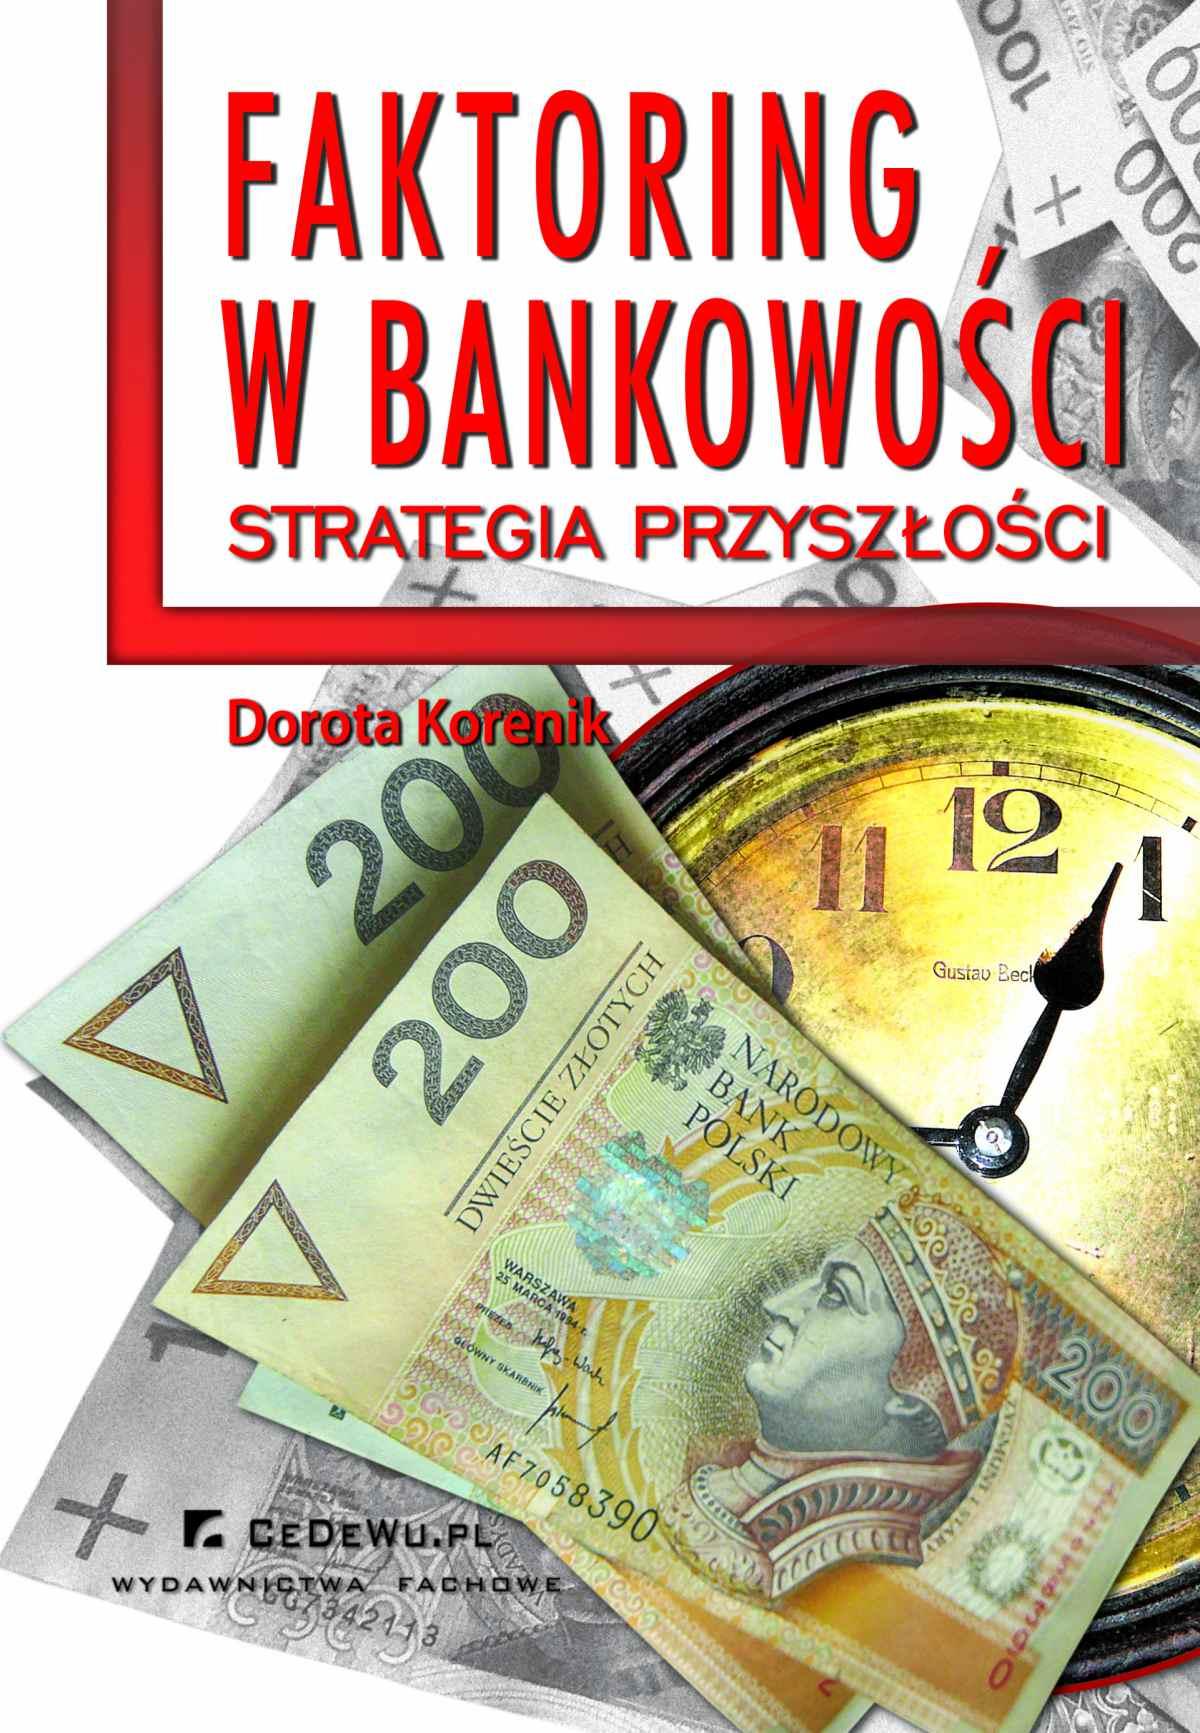 Faktoring w bankowości - strategia przyszłości. Rozdział 1. Wprowadzenie do zagadnienia faktoringu jako usługi finansowej dla małych i średnich przedsiębiorstw - Ebook (Książka PDF) do pobrania w formacie PDF